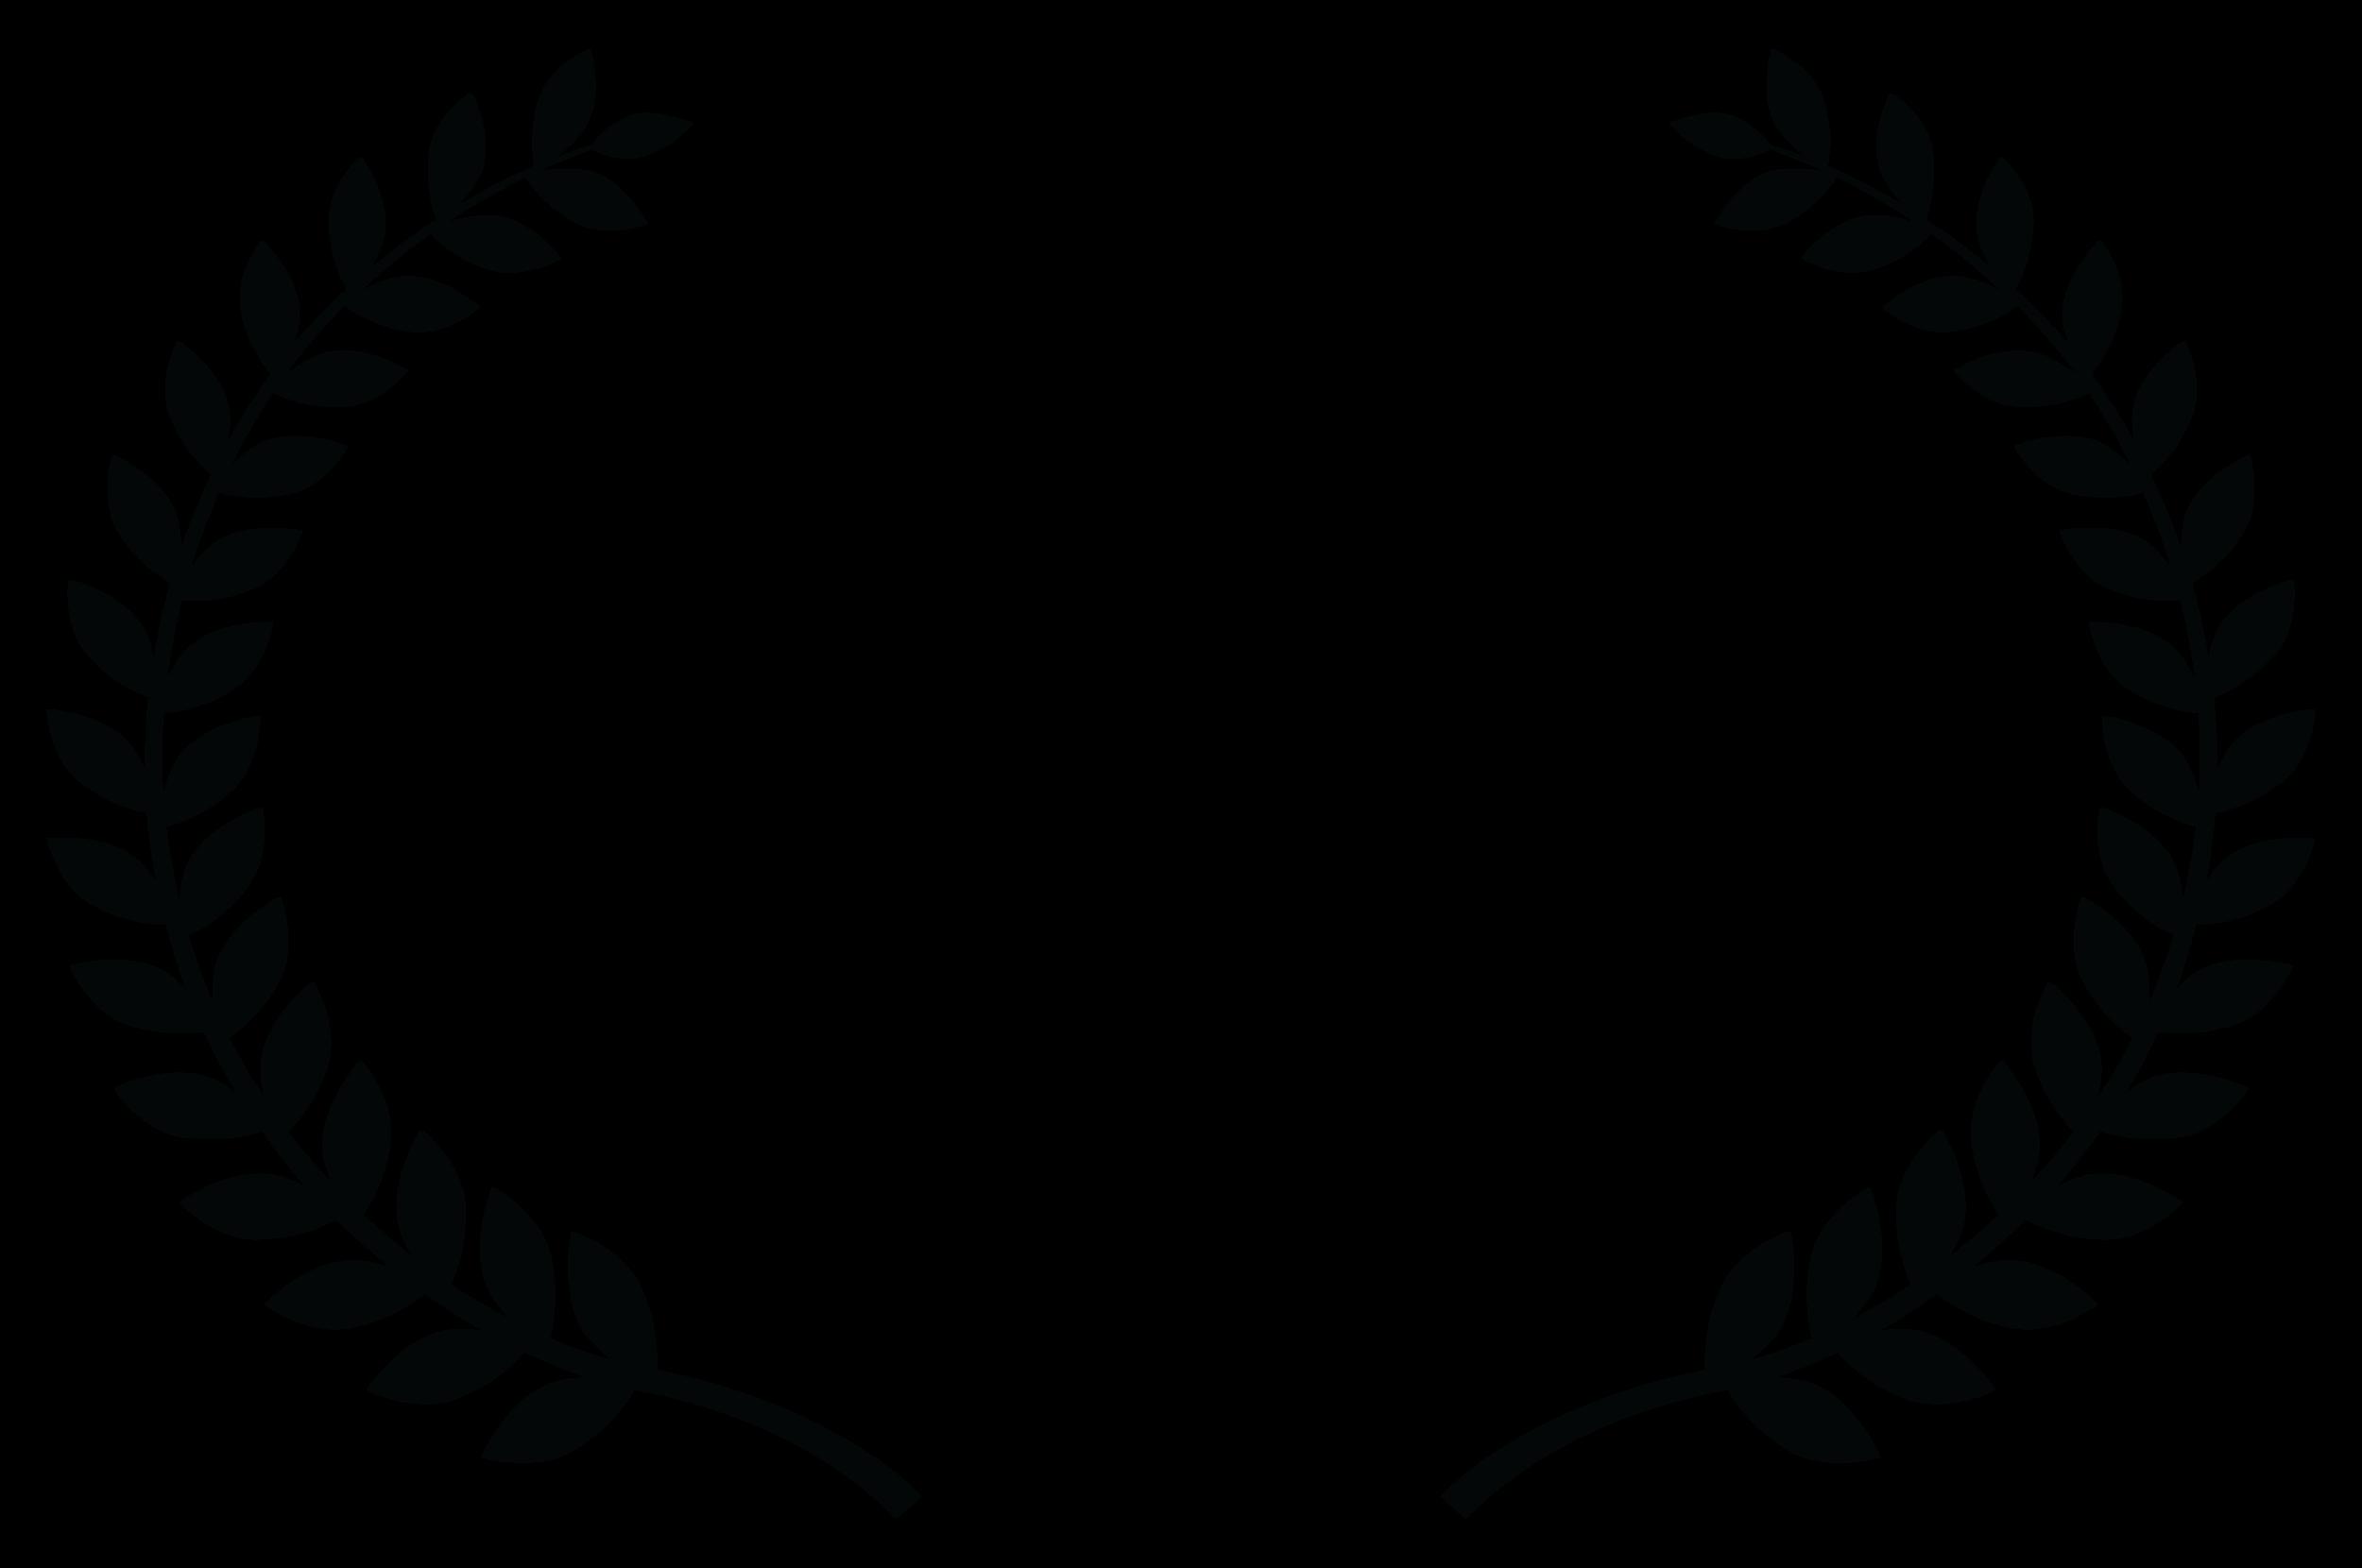 OFFICIALSELECTION-InternationalFilmFestivalManhattan-2018.png